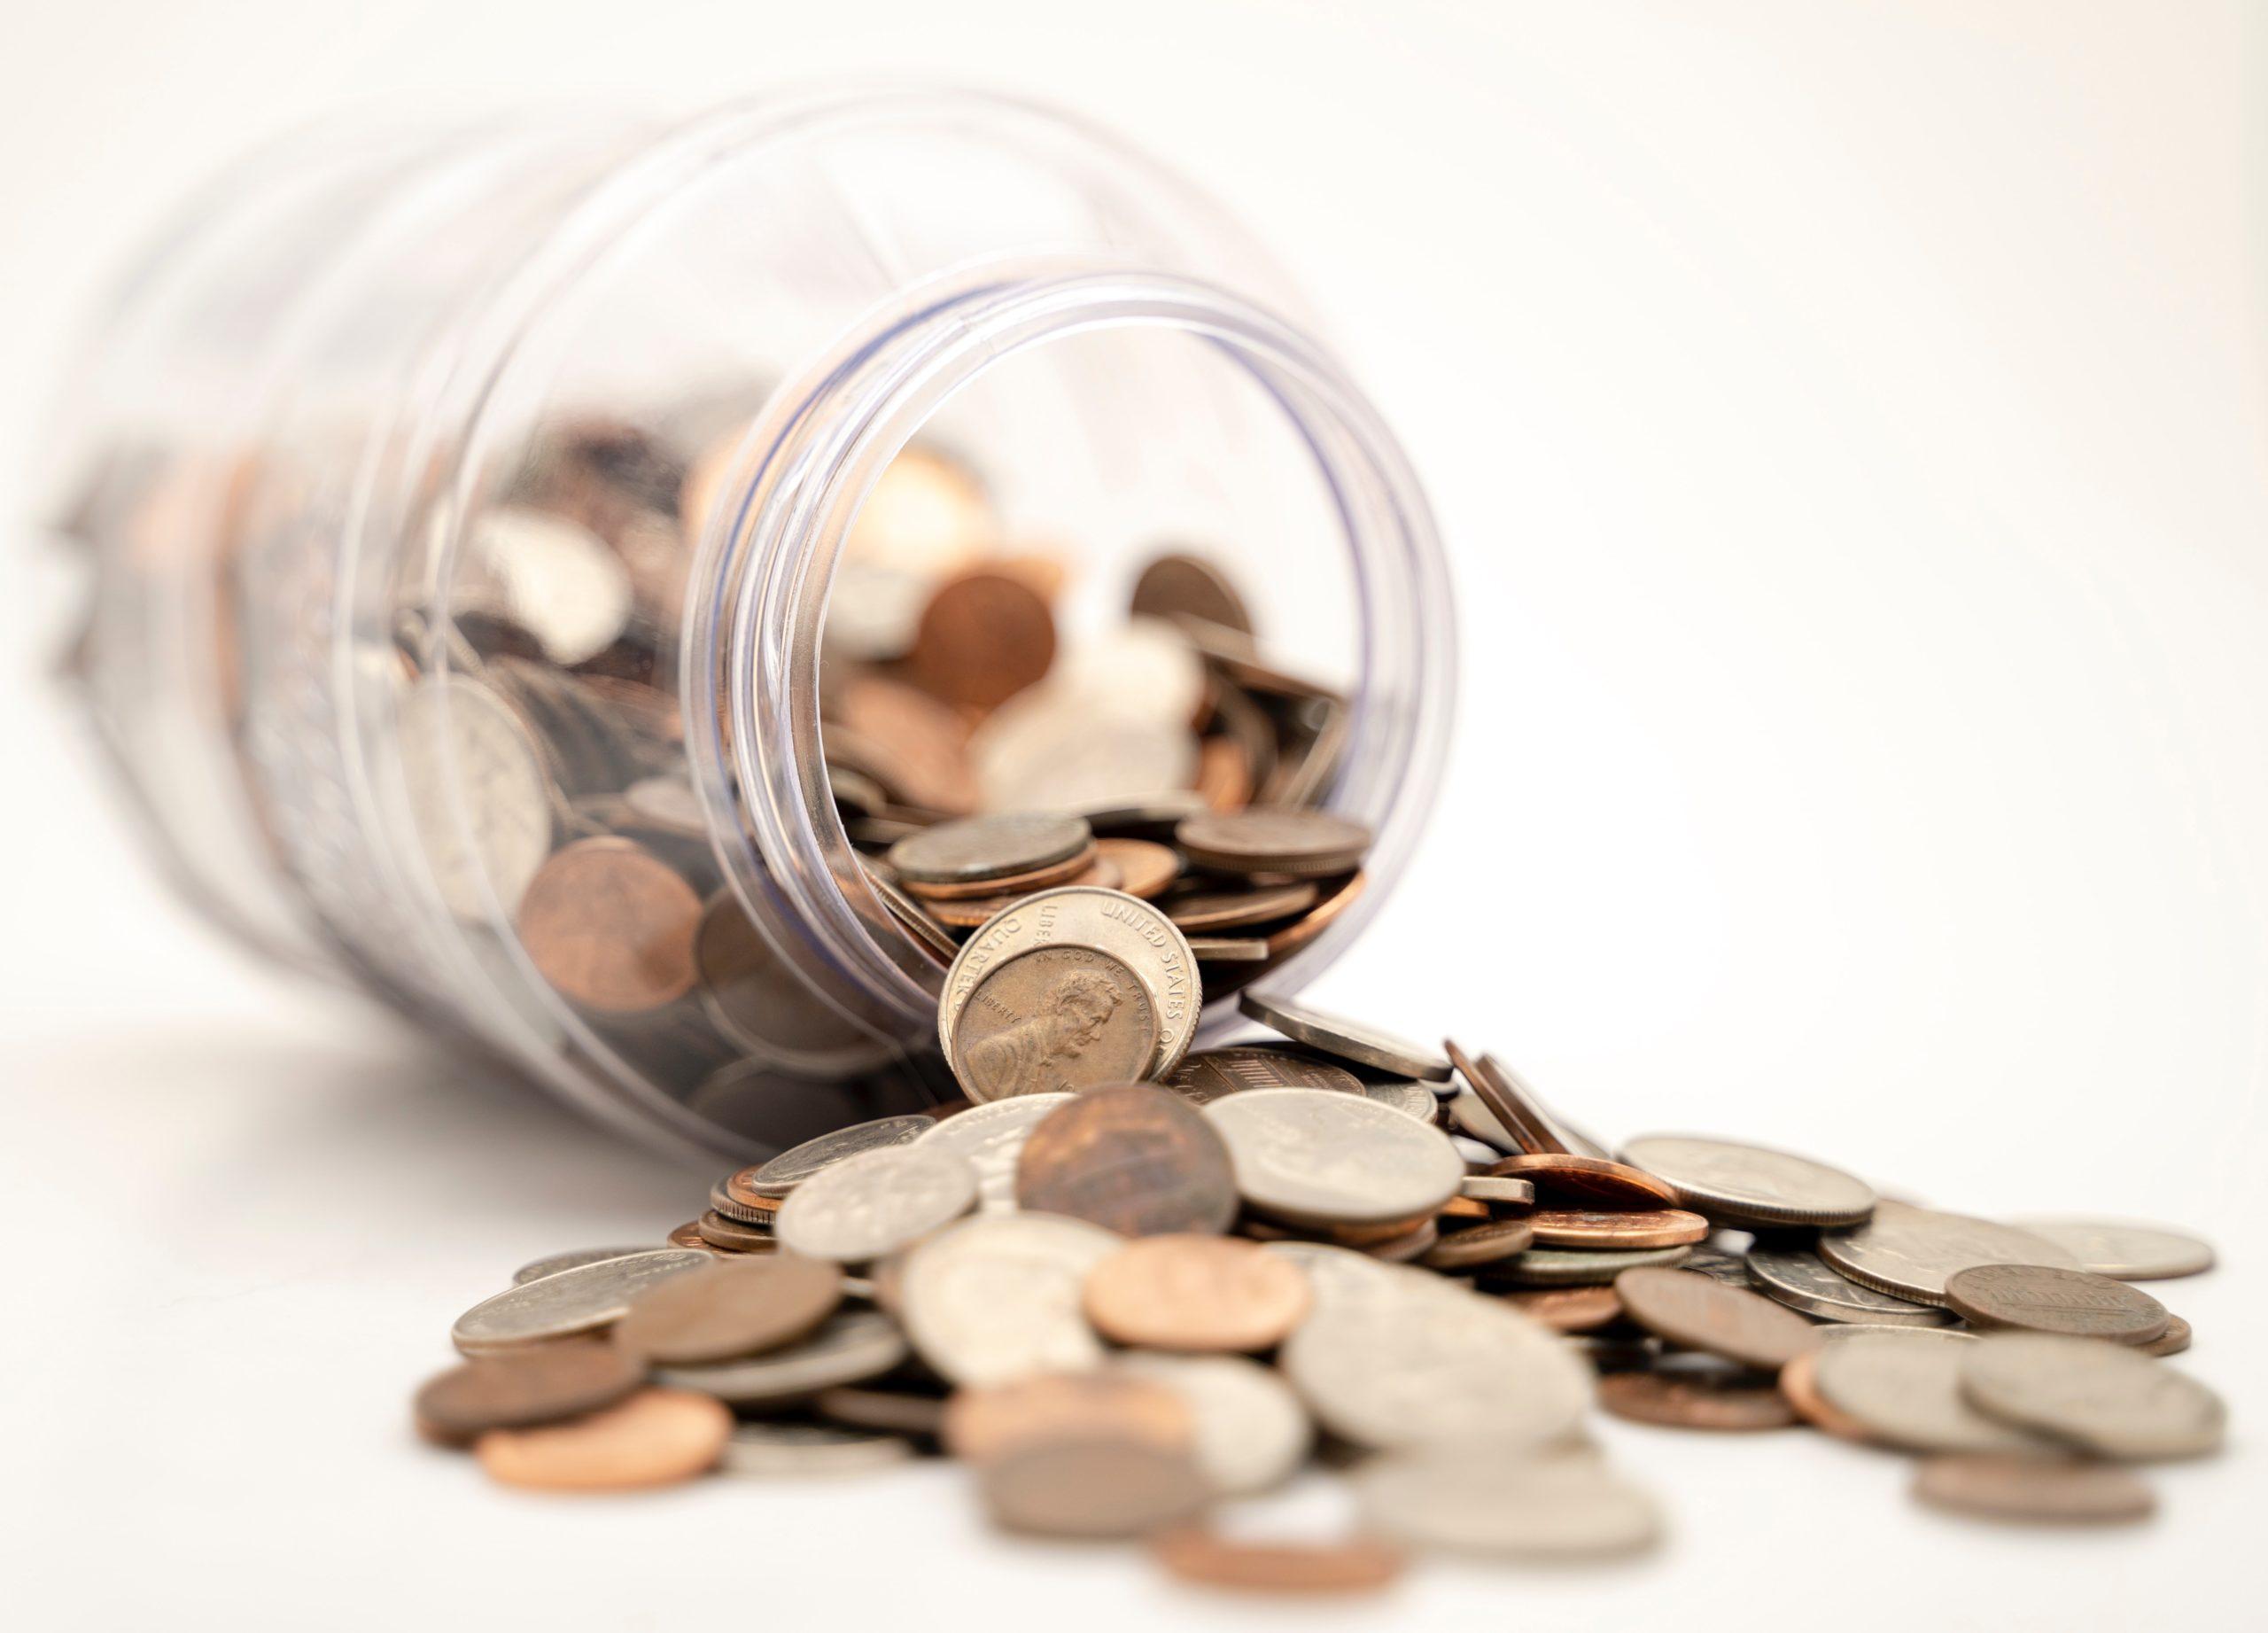 Vam je že kdo povedal kako upravljati finance v družini?